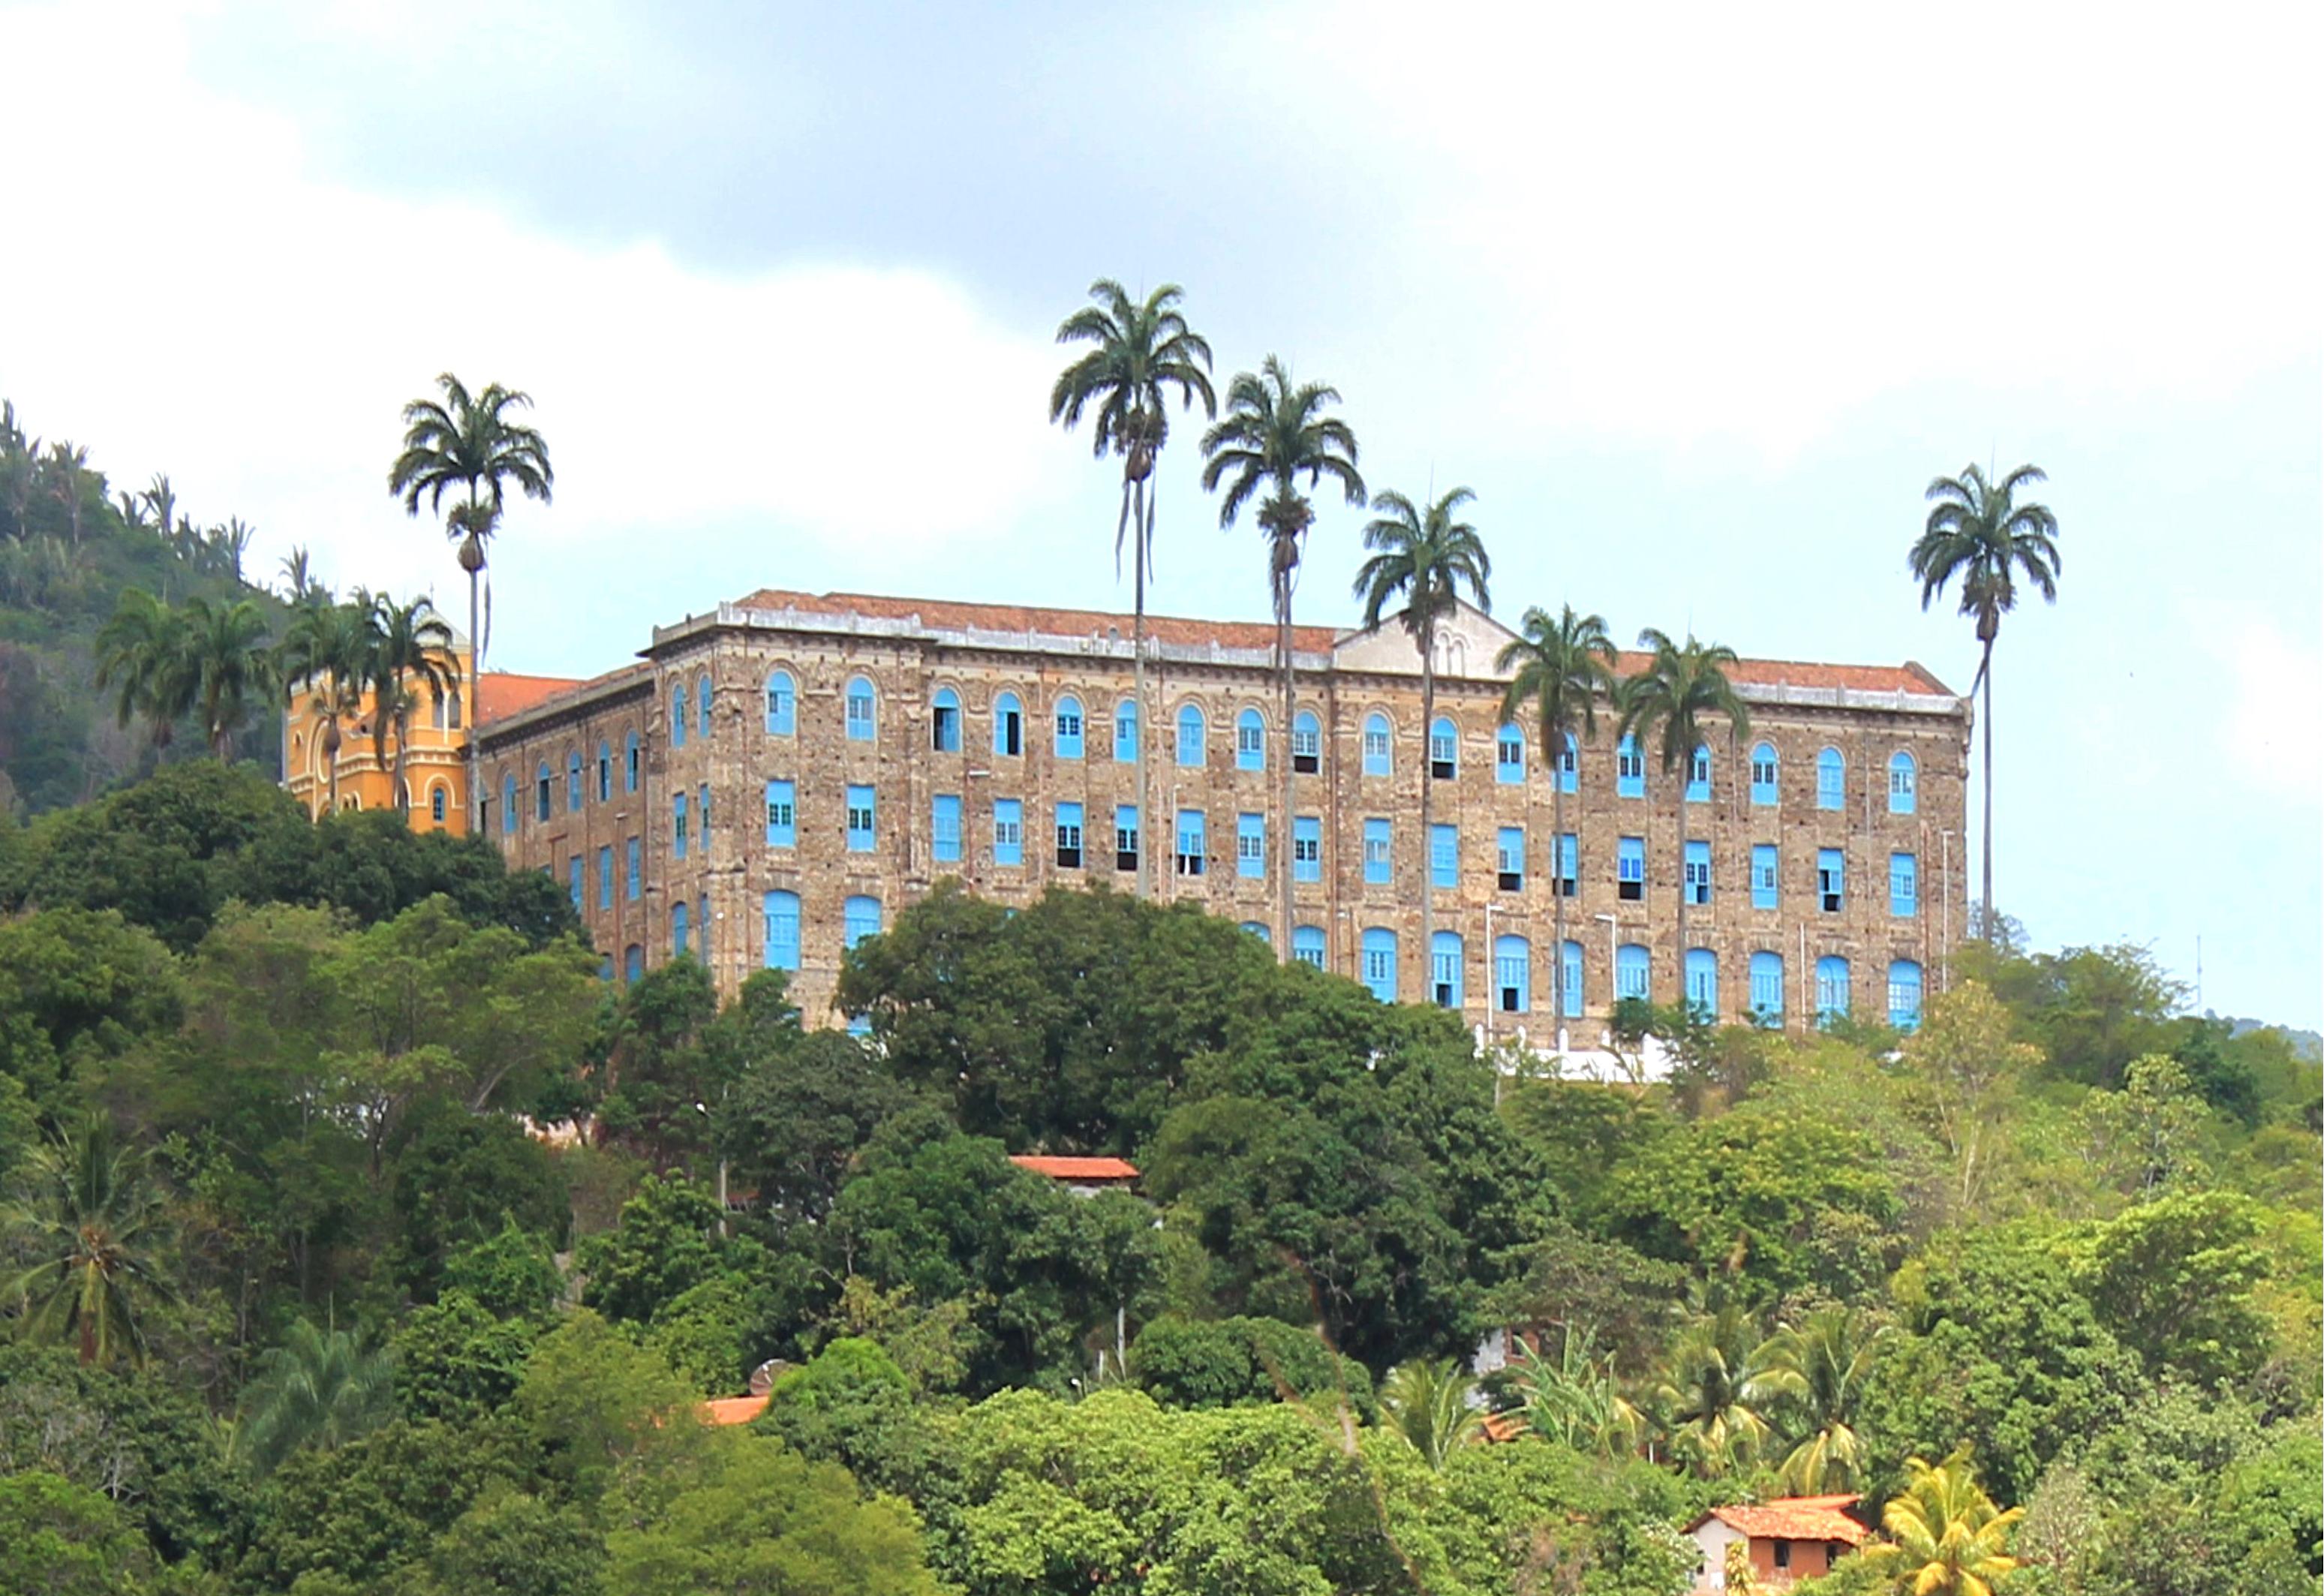 Sebrae Ceará lança nova rota turística no Maciço de Baturité